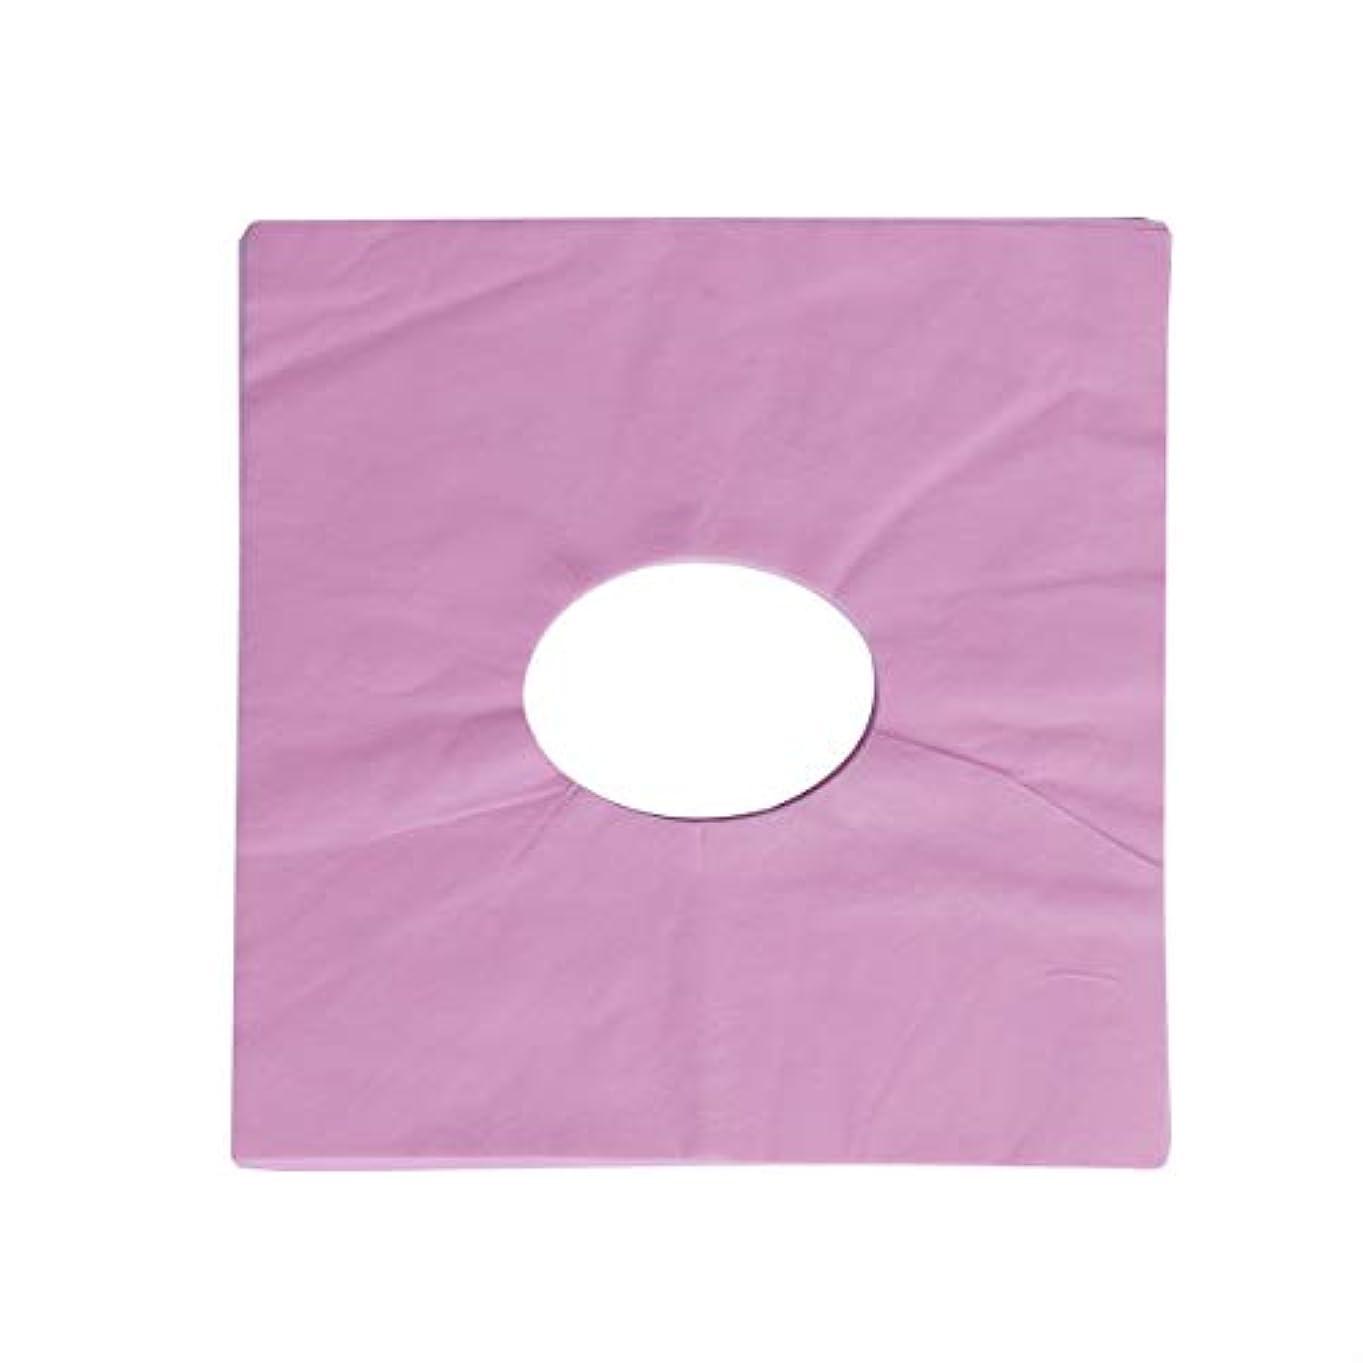 アーク降臨後ろ、背後、背面(部SUPVOX 100ピース使い捨てマッサージフェイスクレードルカバーフェイスマッサージヘッドレストカバー用スパ美容院マッサージ(ピンク)